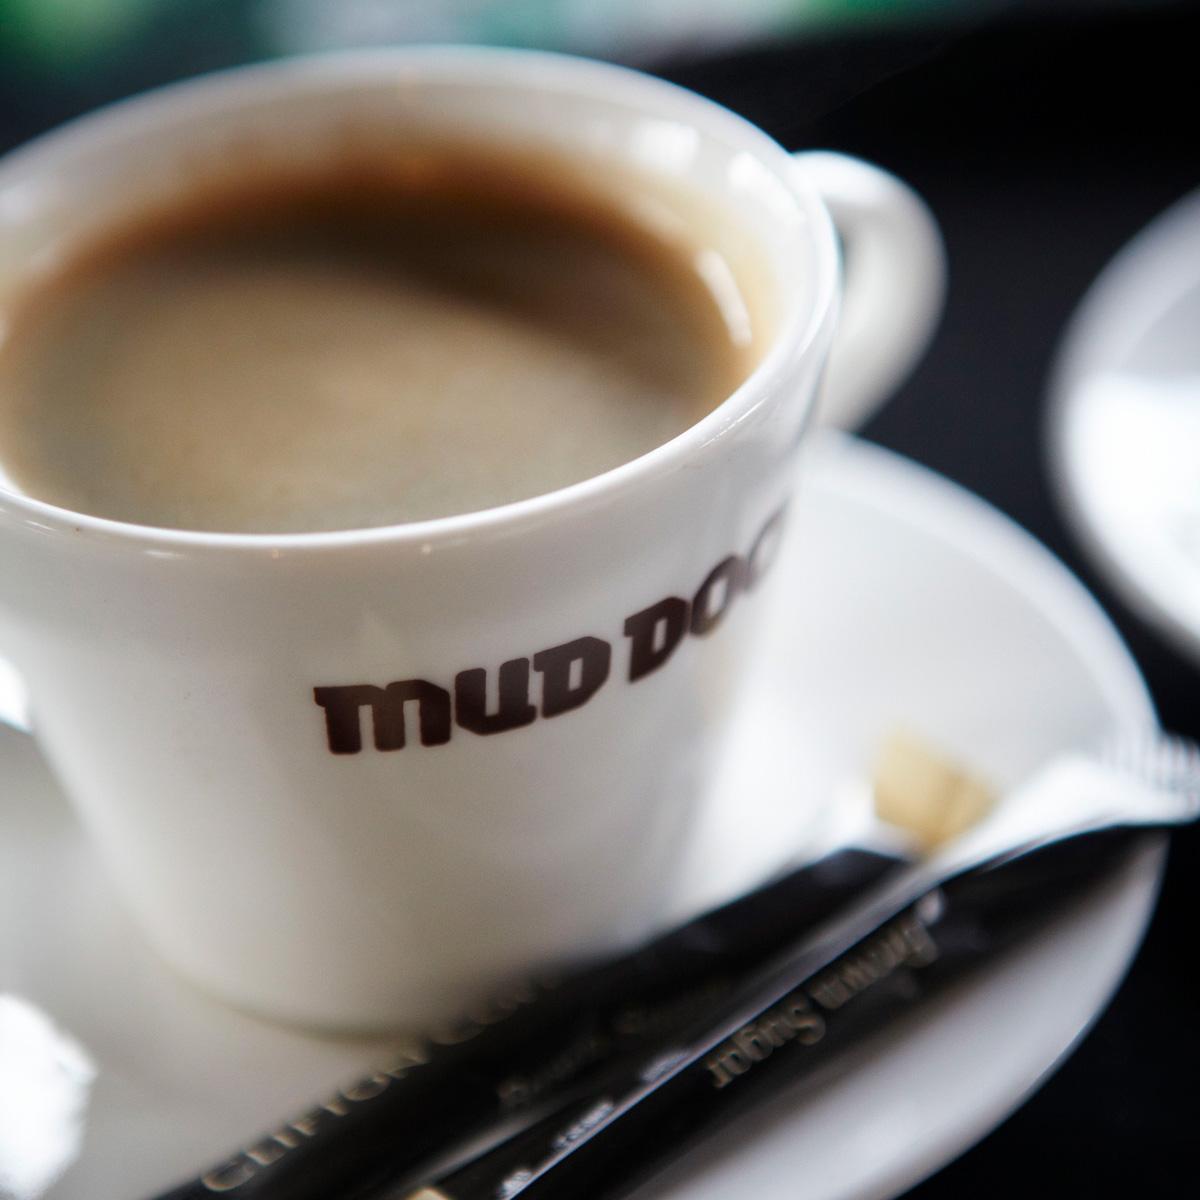 Mud Dock coffee cup